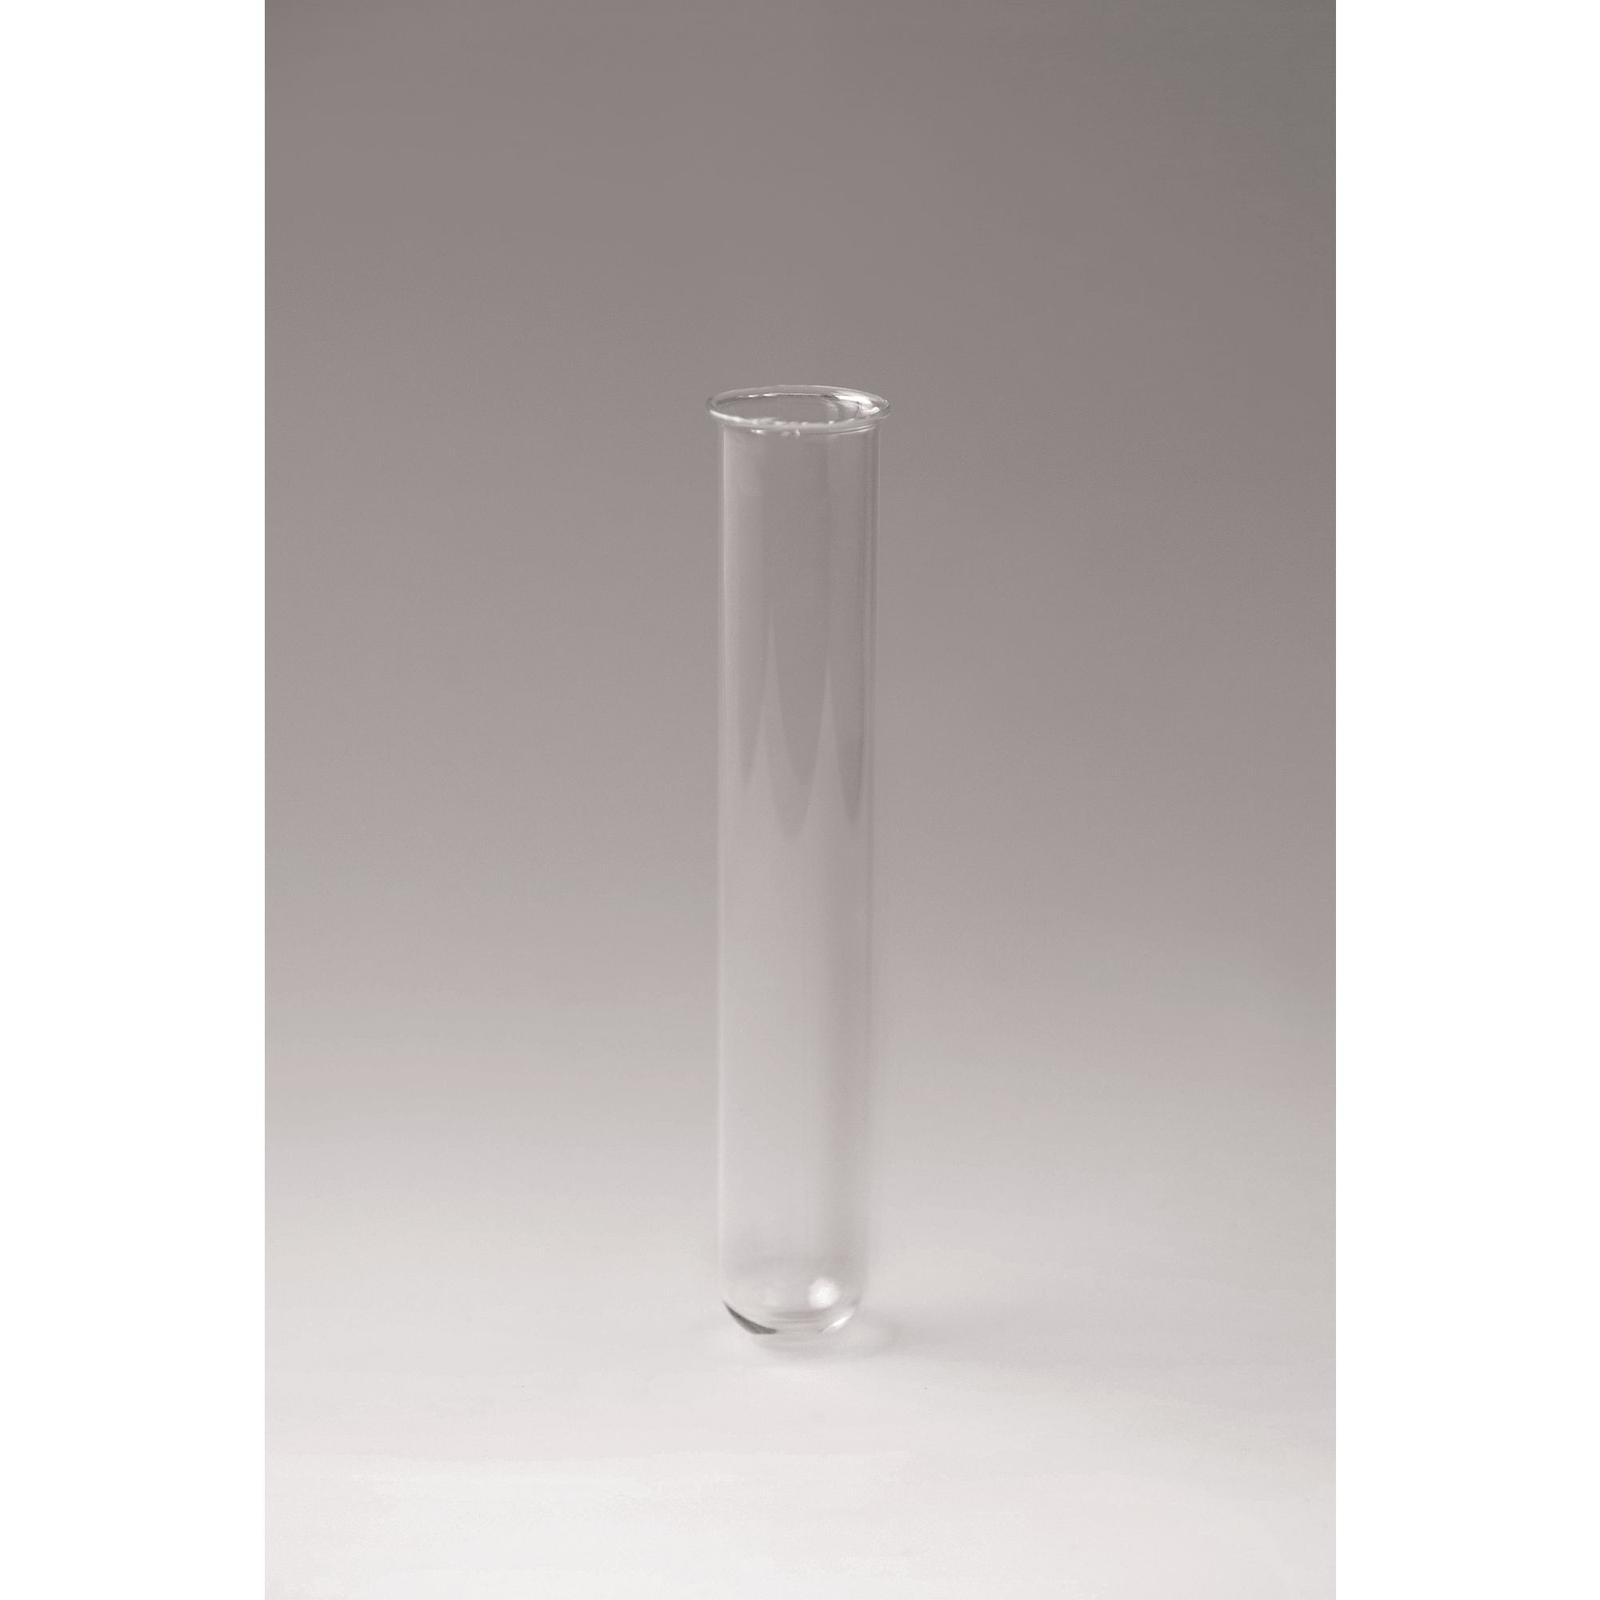 Economy Borosilicate Test Tubes with Rim - 150mm - 18mm